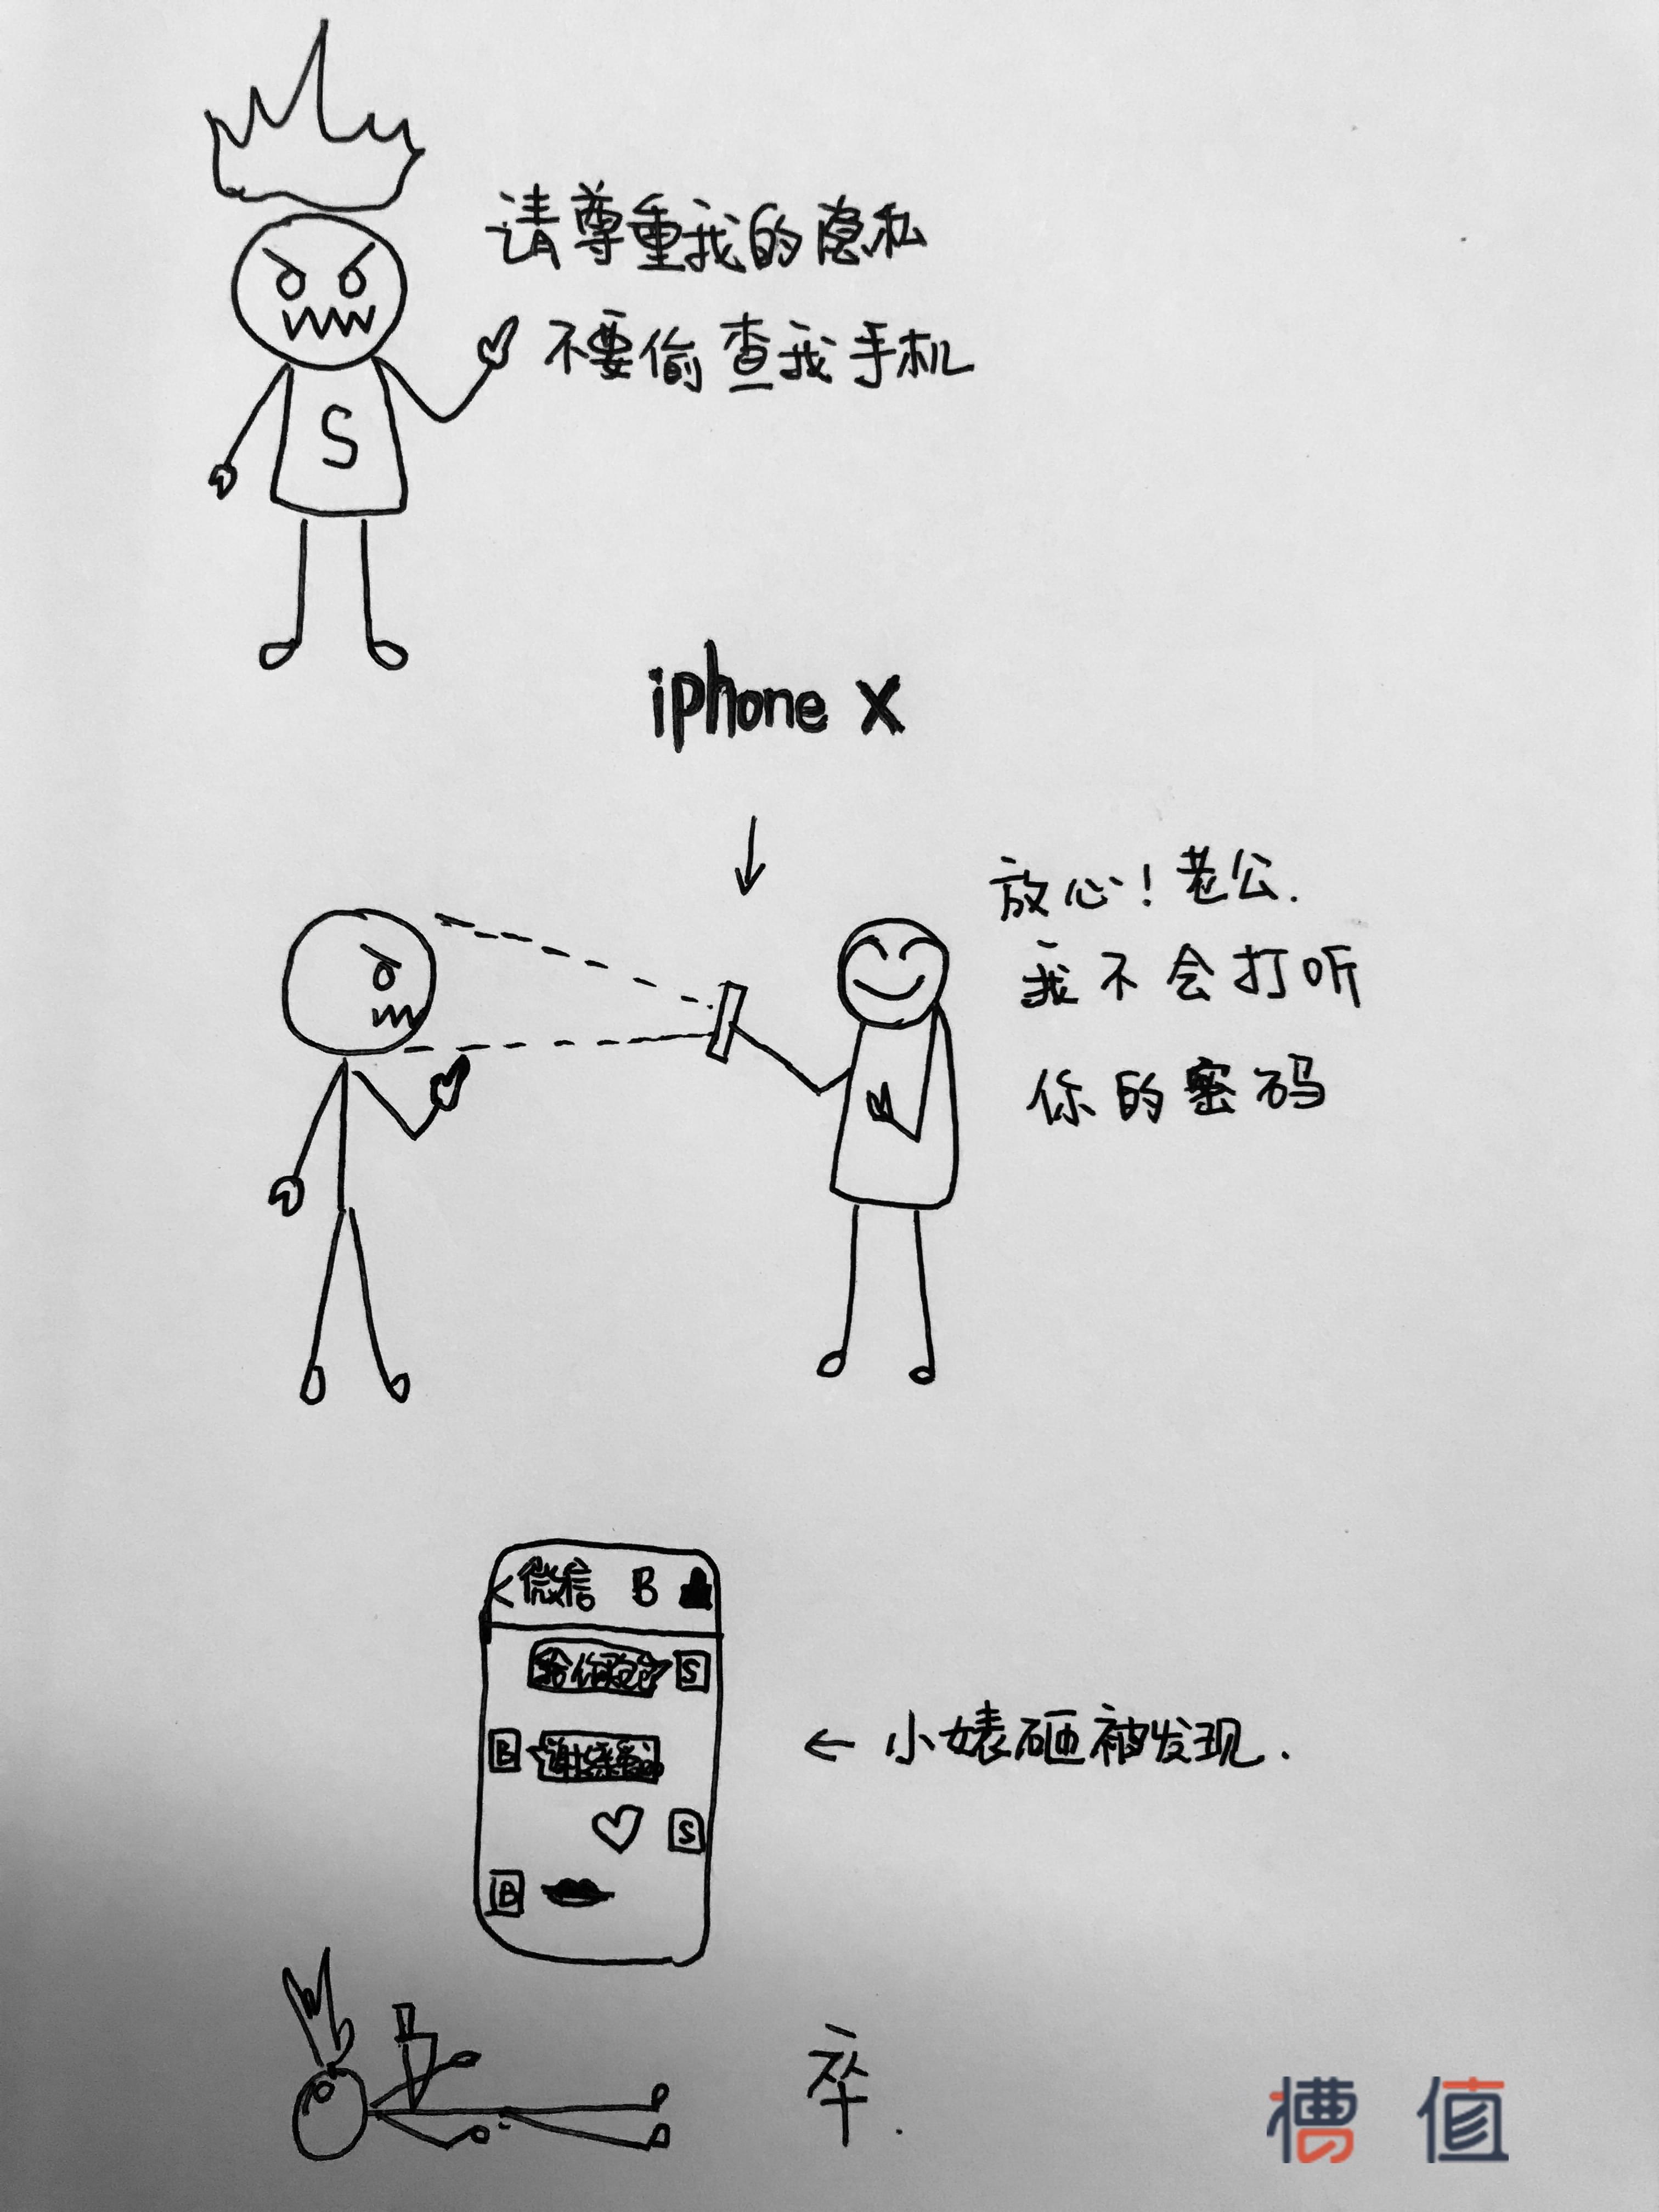 女人疯狂给老公买iPhone X的原因大曝光